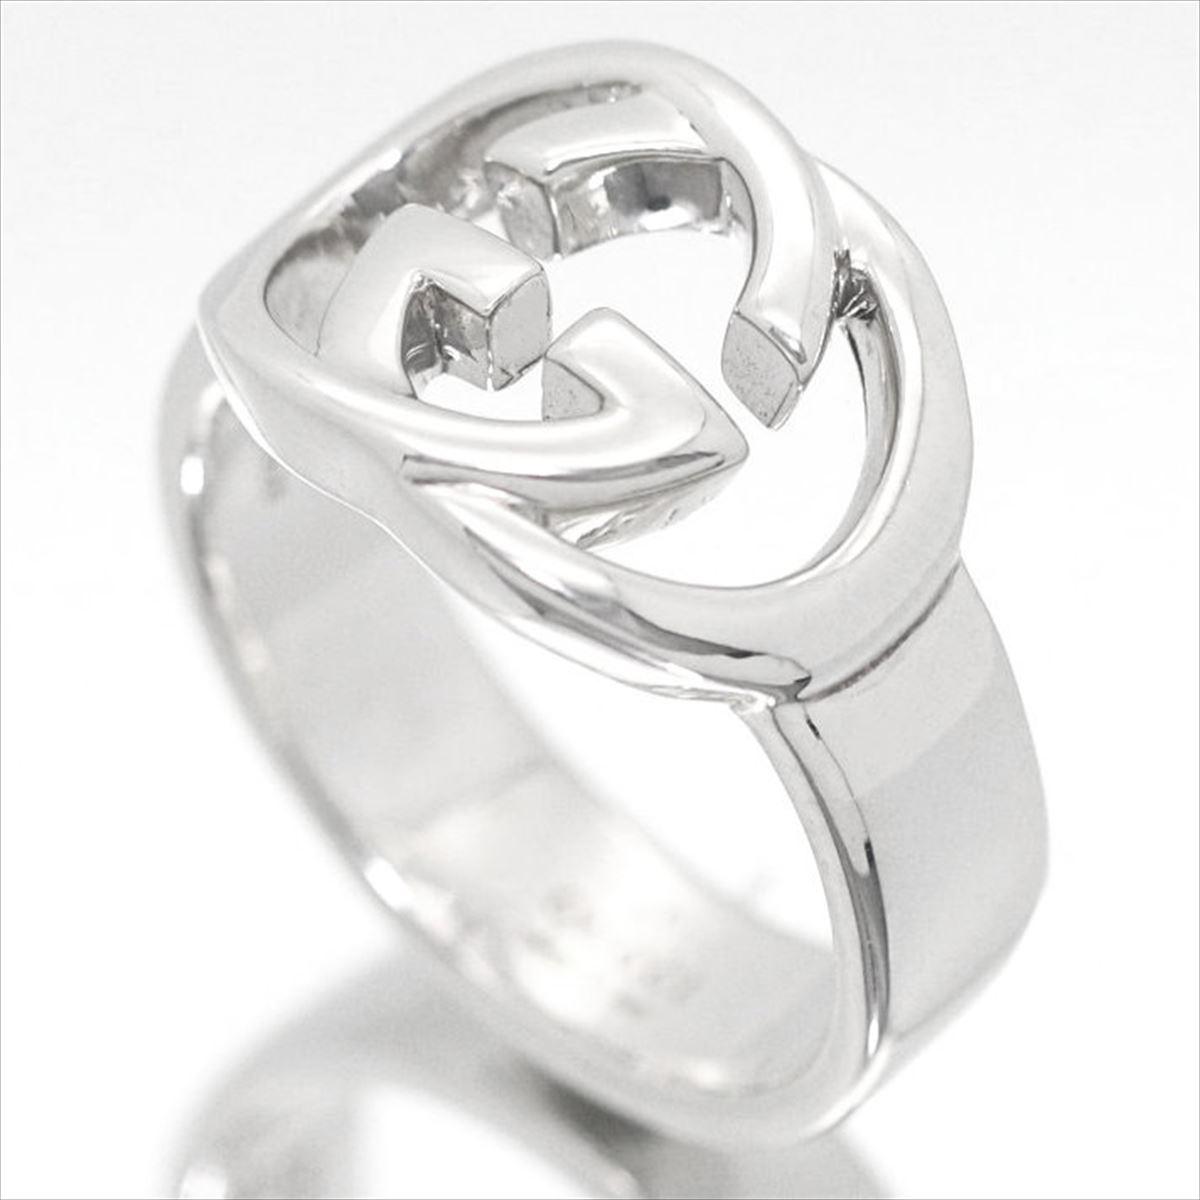 8abc5221b5f1 ... 指輪メンズ 【ブランド】グッチ【GUCCI】ジュエリーリングシルバーブリットSV925GGロゴリング/ロゴ ...